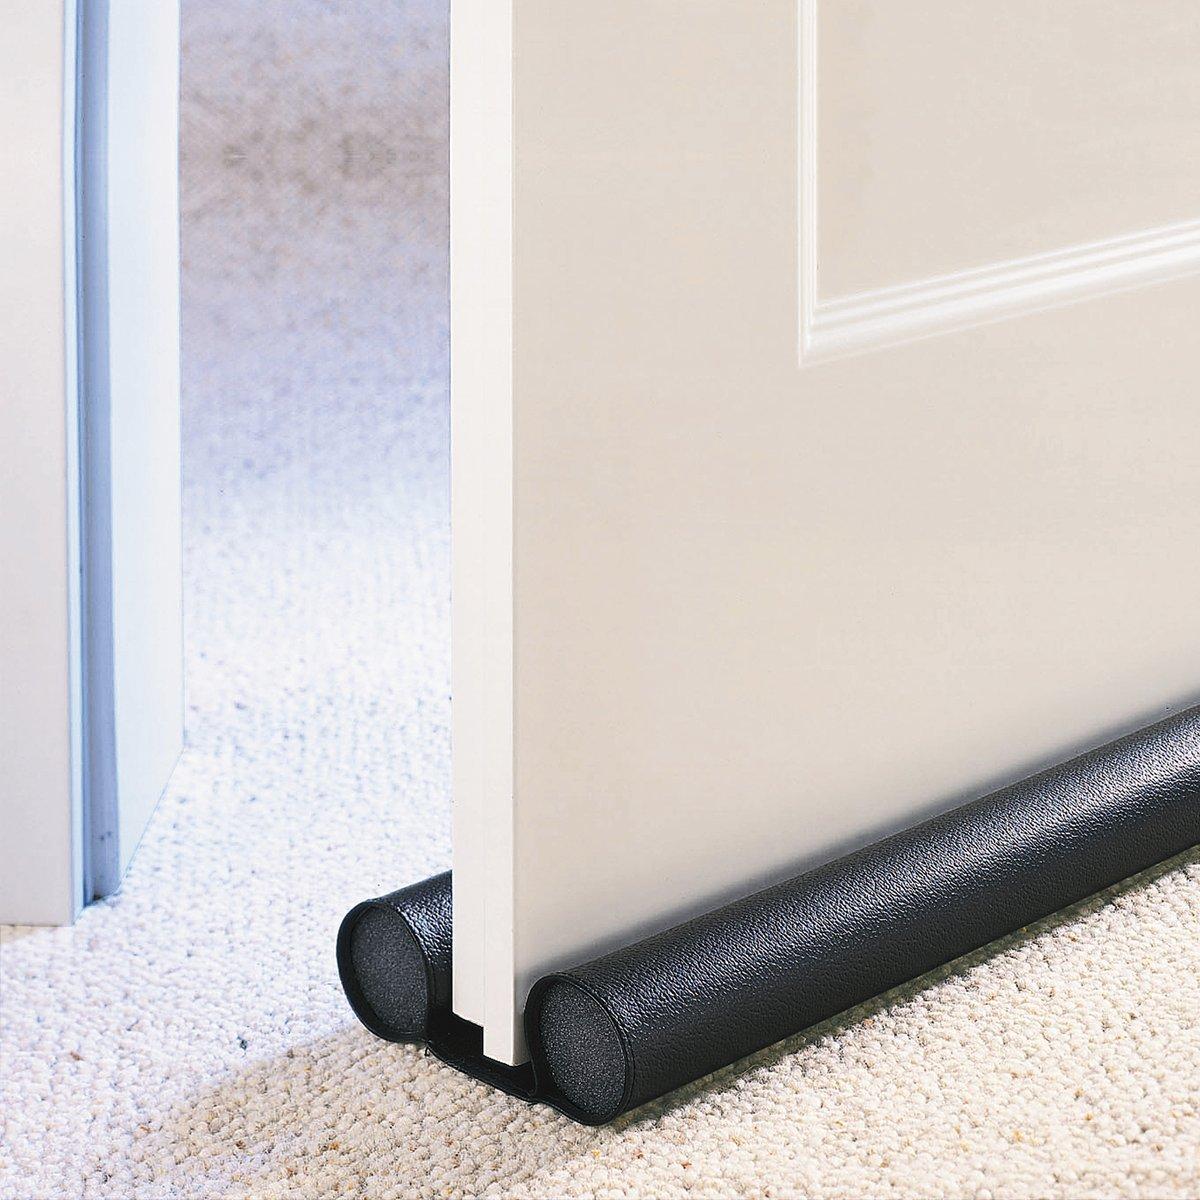 Wenko - Tope de puerta para corrientes de aire MM Exclusiv 5657010500